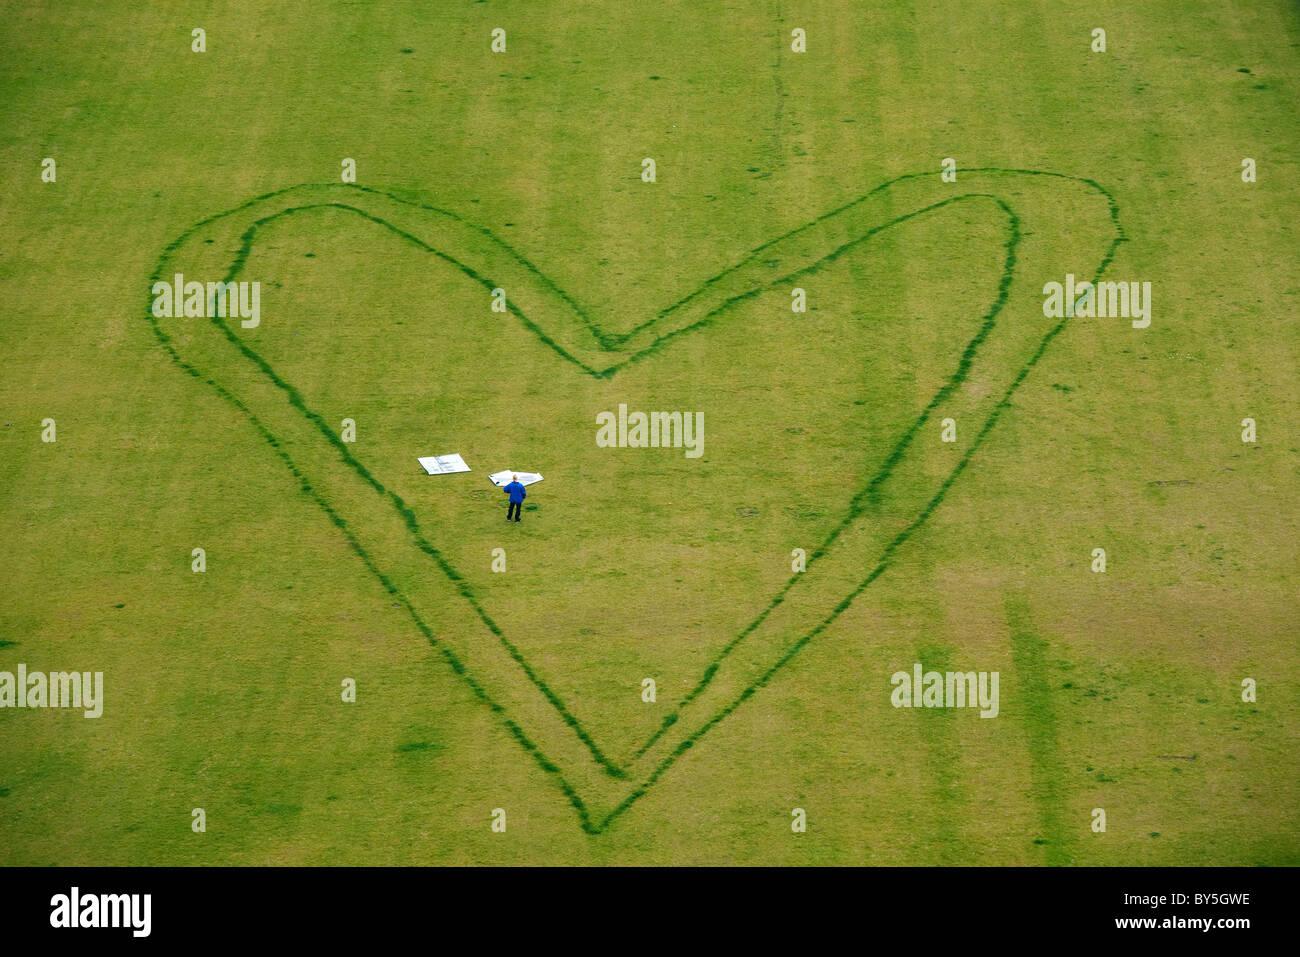 Deutschland, Berlin, riesige Herzdesign auf Rasen mit einer Person in Stockbild